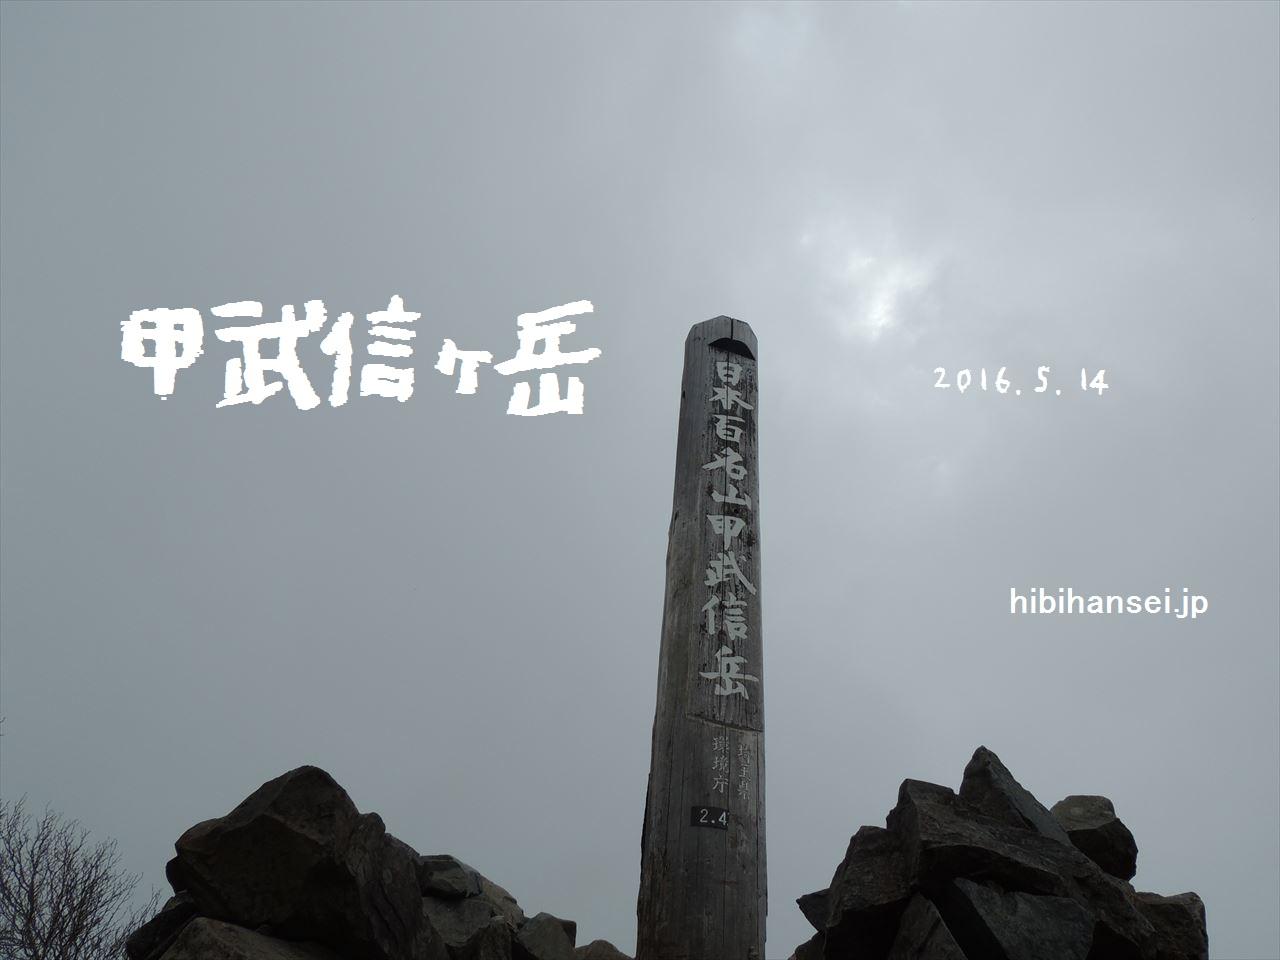 甲武信ヶ岳 弾丸登山(西沢渓谷) 山を愛するボンビー達に捧ぐ路線バスによる日帰り登山(2016.5.14)